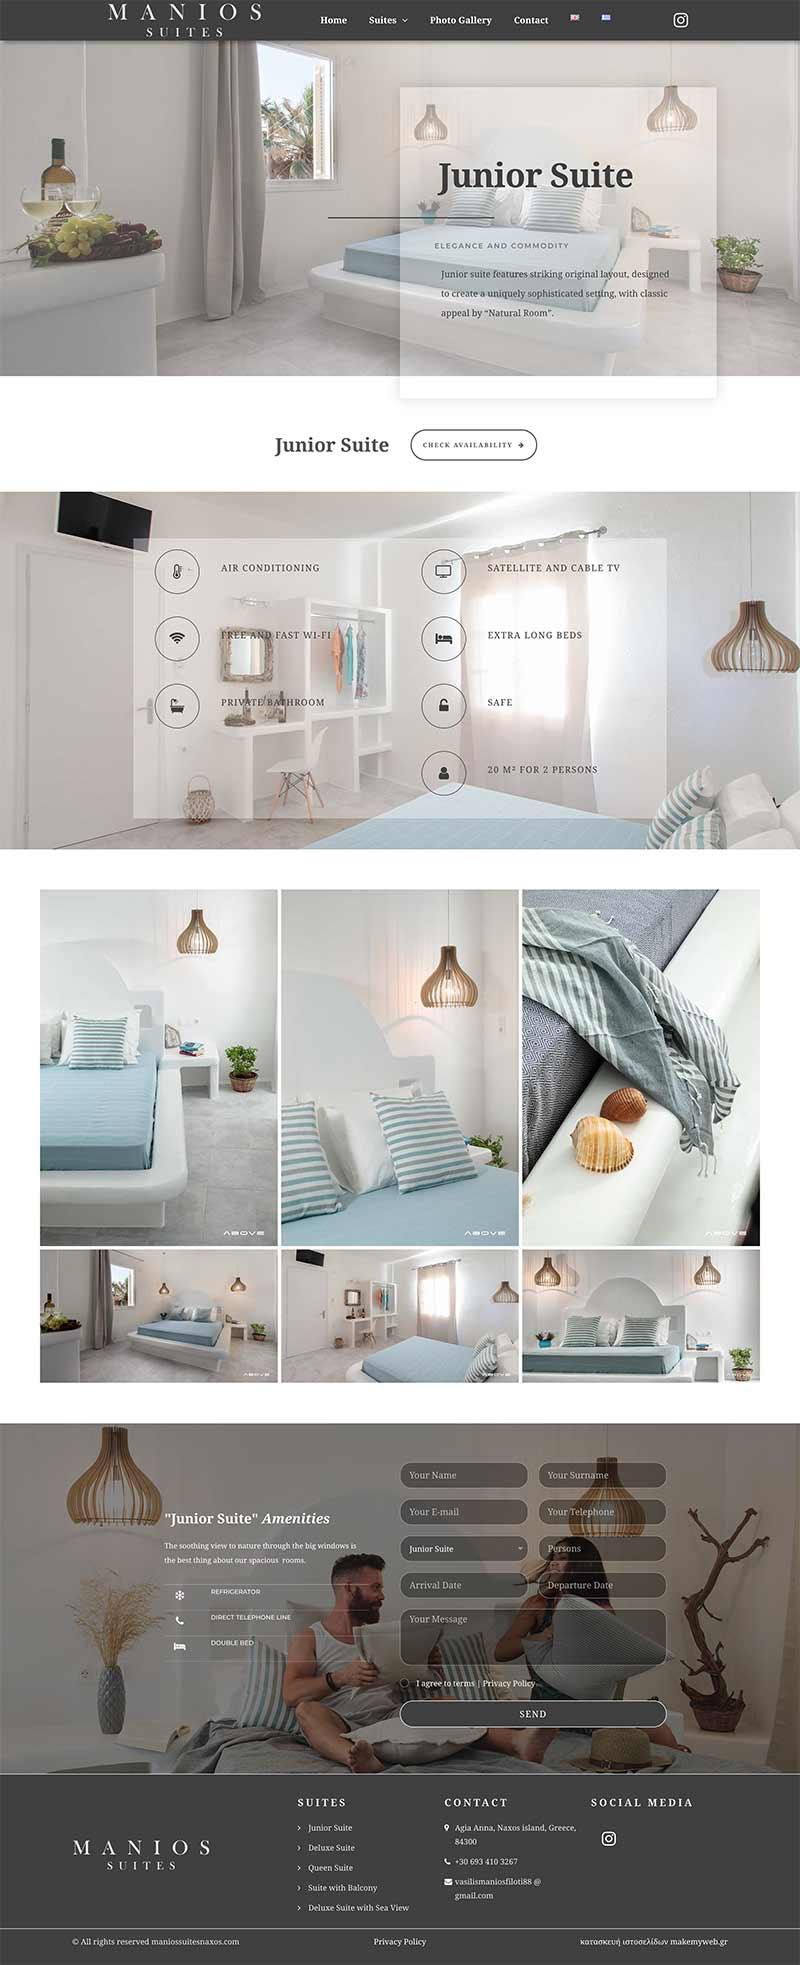 Κατασκευή ιστοσελίδας ξενοδοχείου Νάξος, δημιουργία ιστοσελίδας ξενοδοχείου Manios Suites Αγία Άννα Νάξος, κατασκευή ιστοσελίδων Νάξος